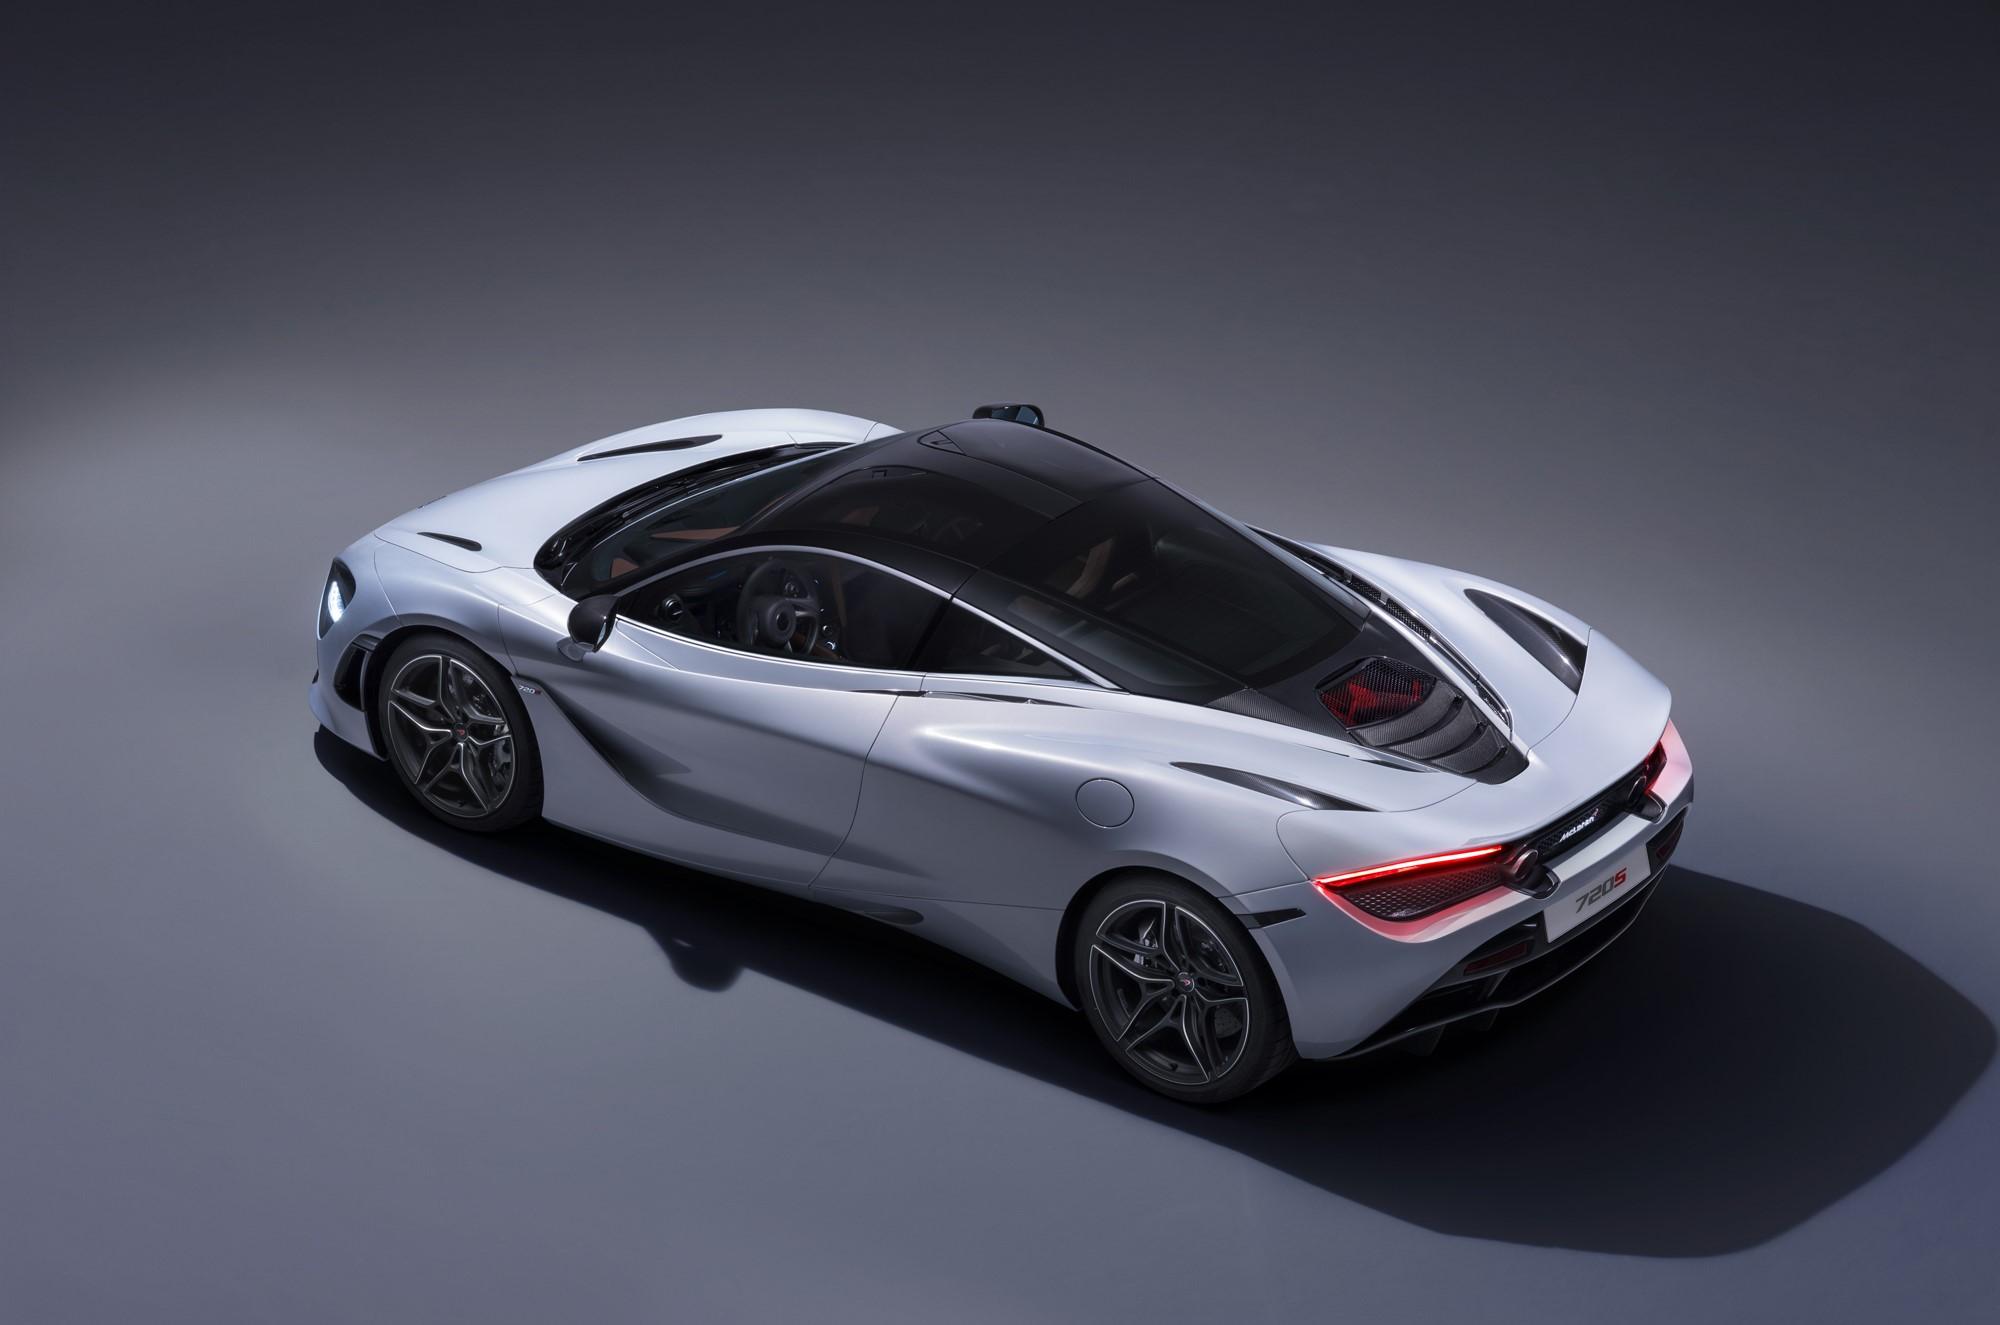 McLaren Pictures